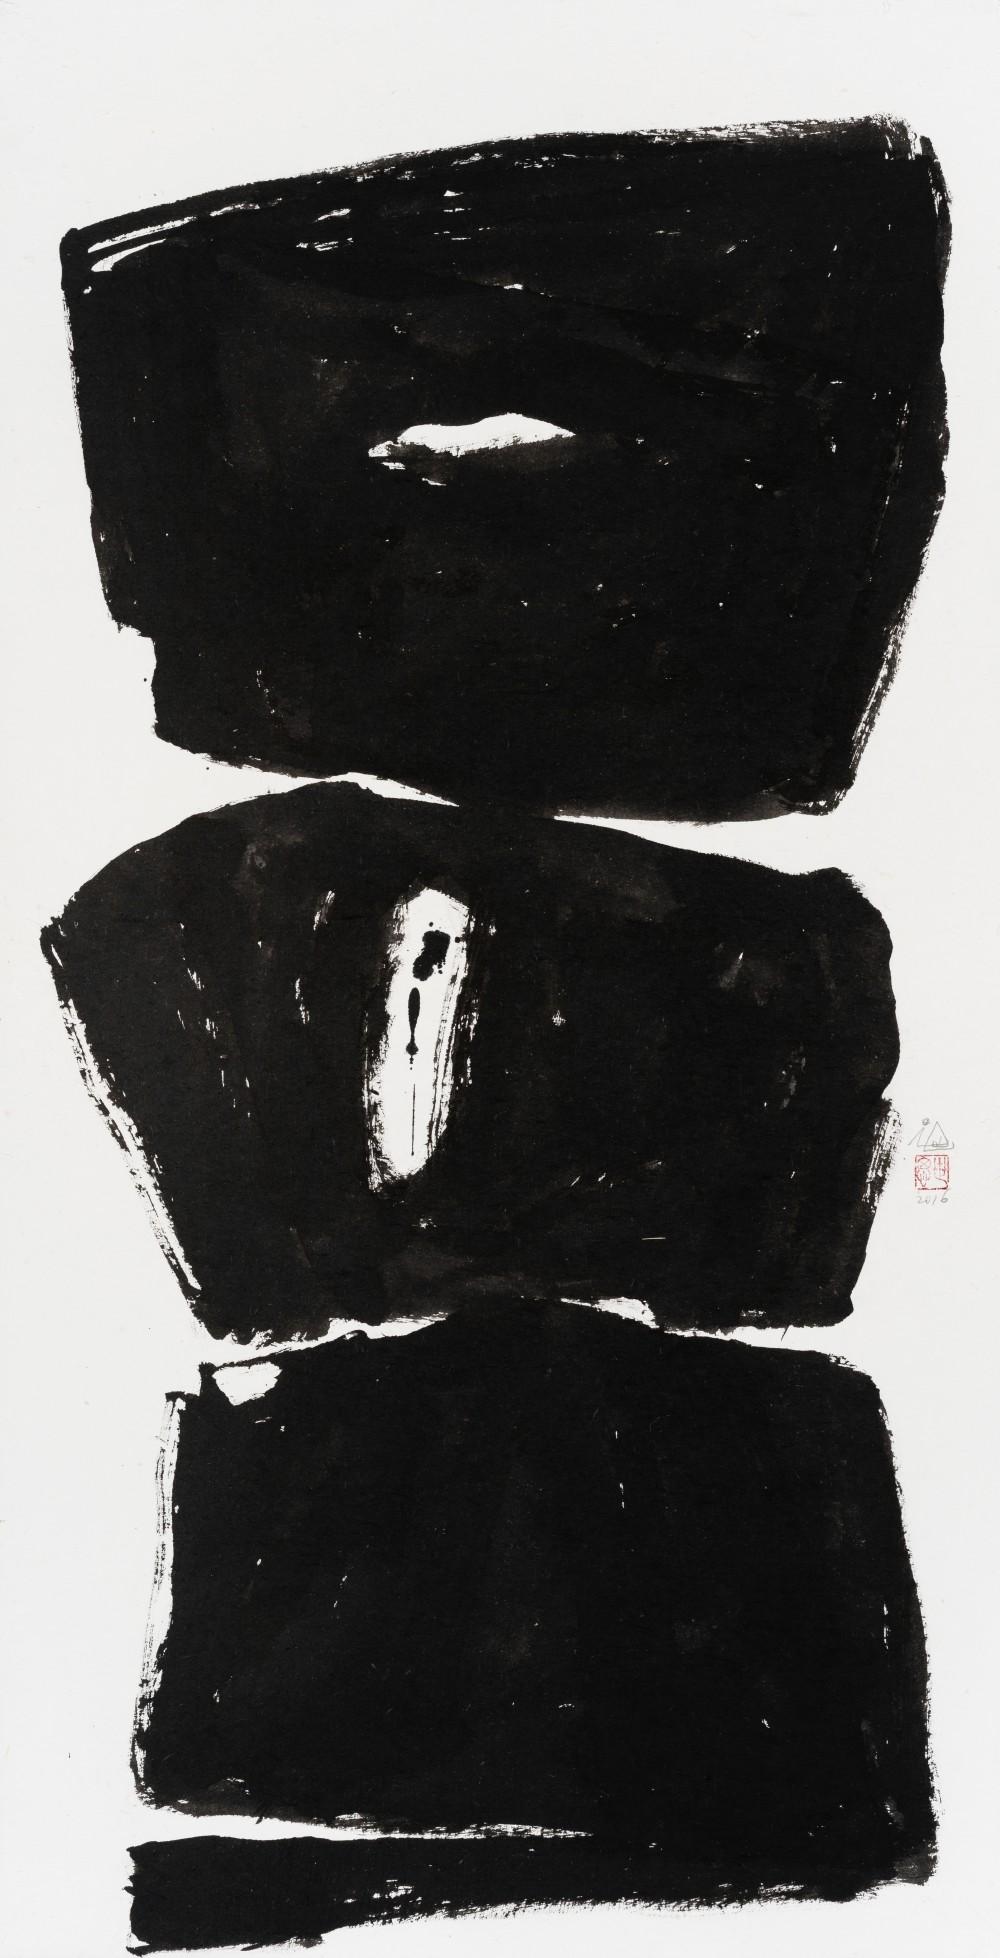 무제_Ink on Korean mulberry paper_144 x 74.5cm_2016